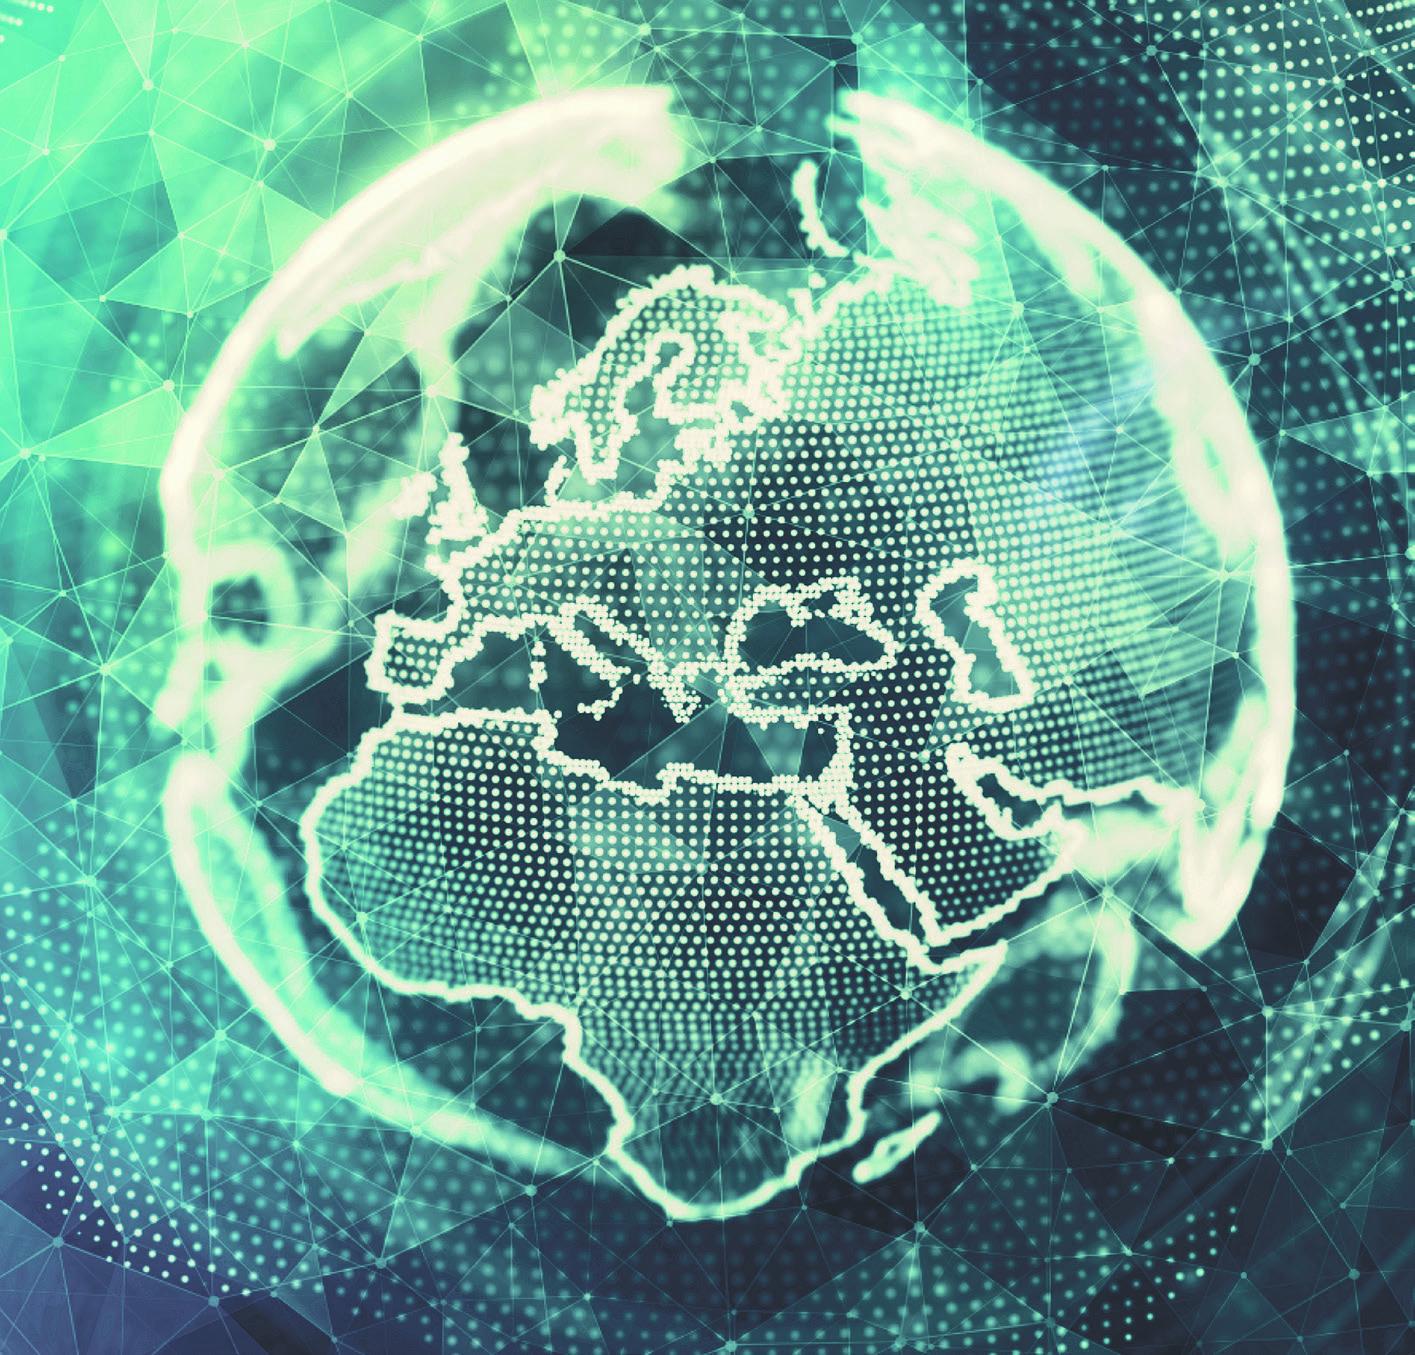 Abstrahierte Darstellung des Globus